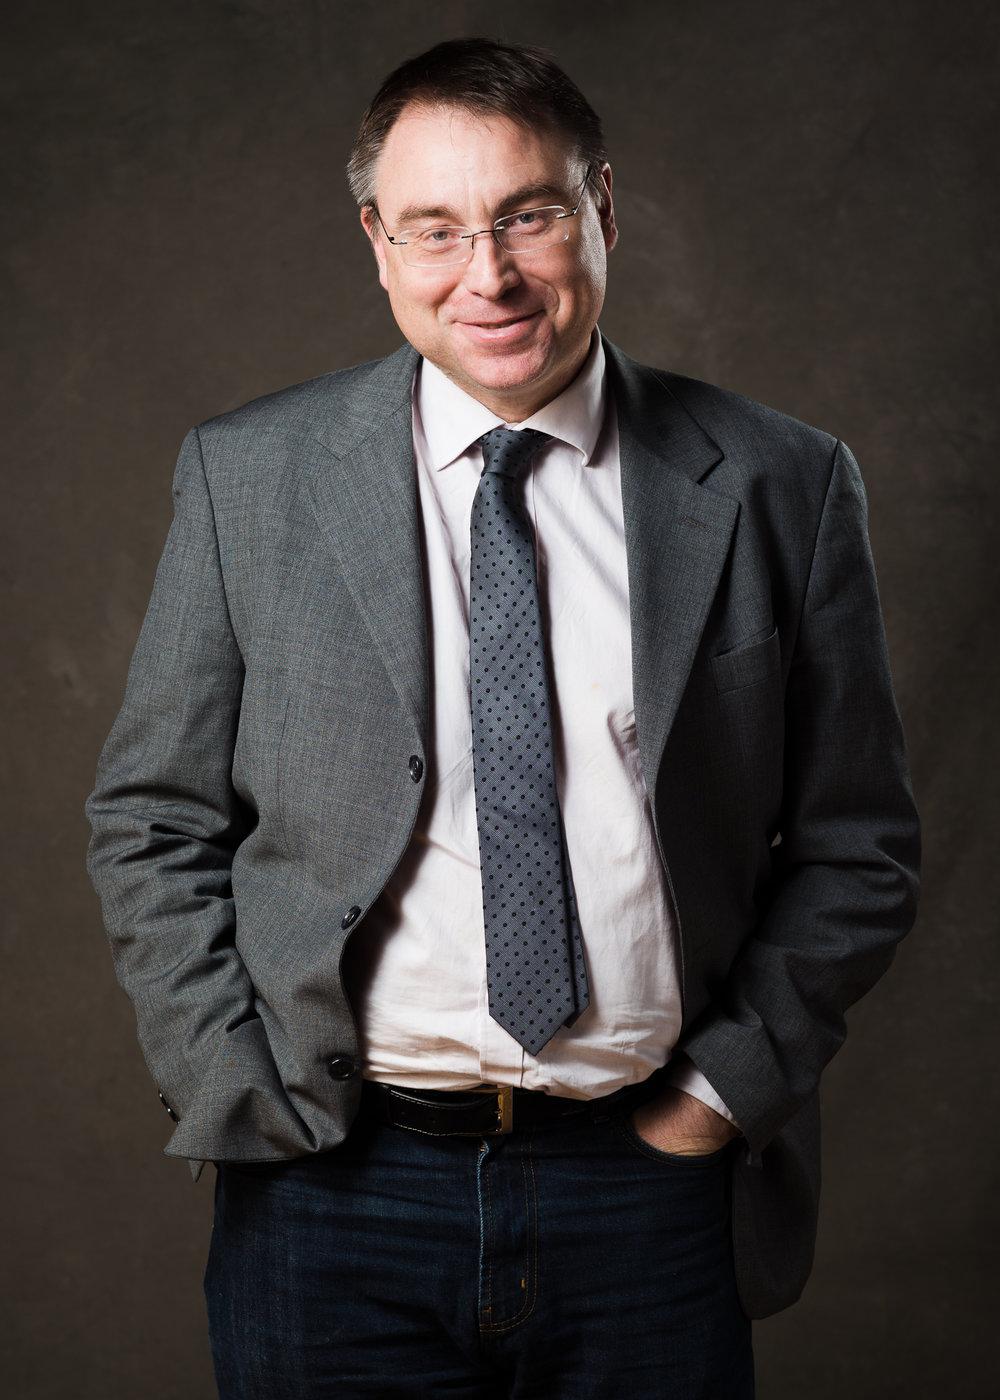 Anders Åkesson  (MP), Regionråd  Skånes meste sjukvårdspolitiker. Har suttit vid makten i 12 år i regionfullmäktige. Vurmar särskilt för primärvård, psykisk hälsa och missbruksvård. Favorituttryck: Grönt samhällsbygge. Gillar gamla antikviteter och nya idéer.